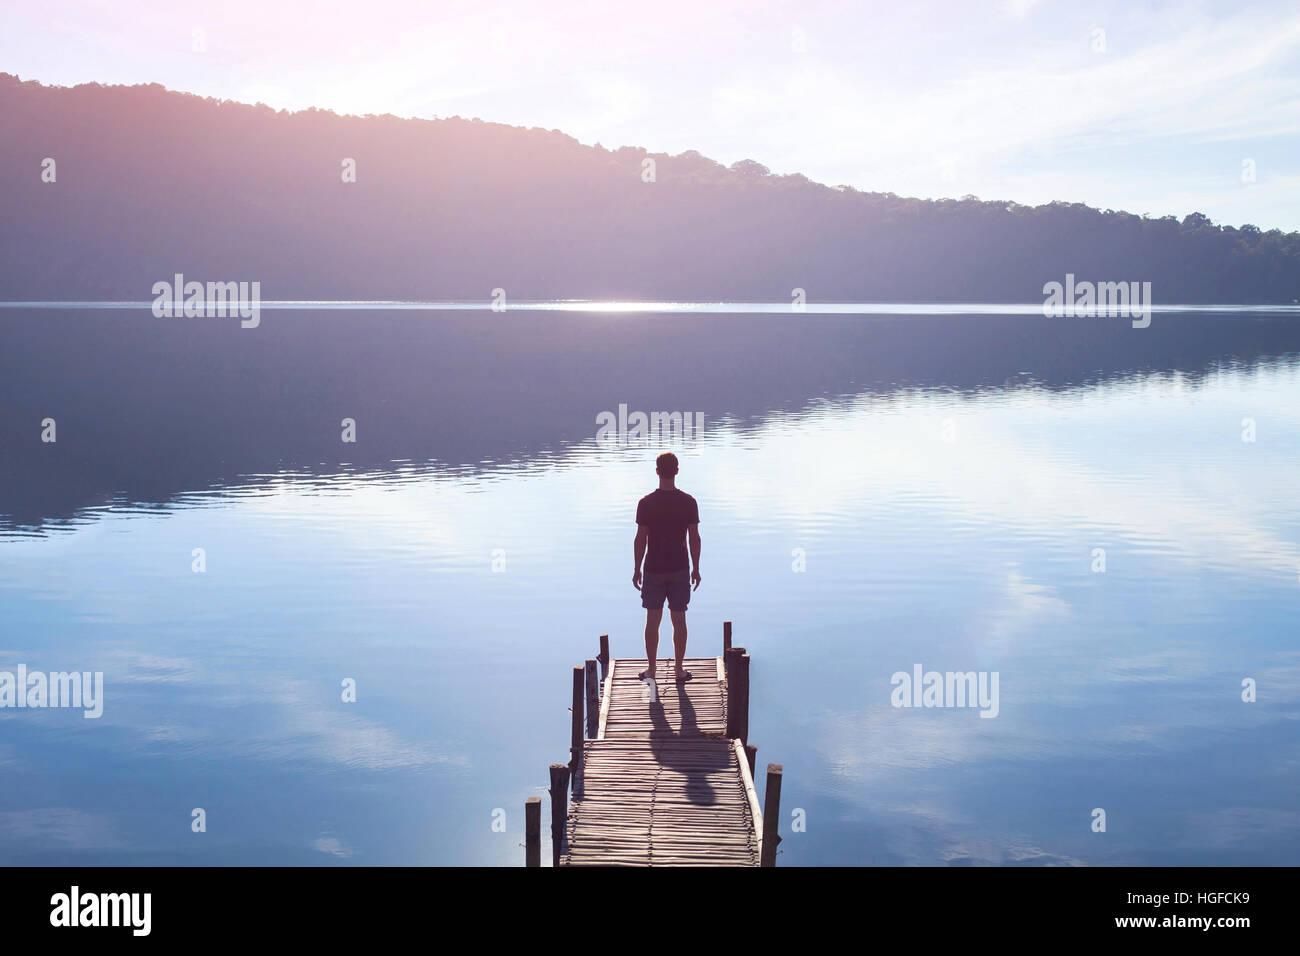 Träumer, Silhouette der Mann stand auf dem See hölzernen Pier bei Sonnenuntergang, menschliche Stärke, Stockbild